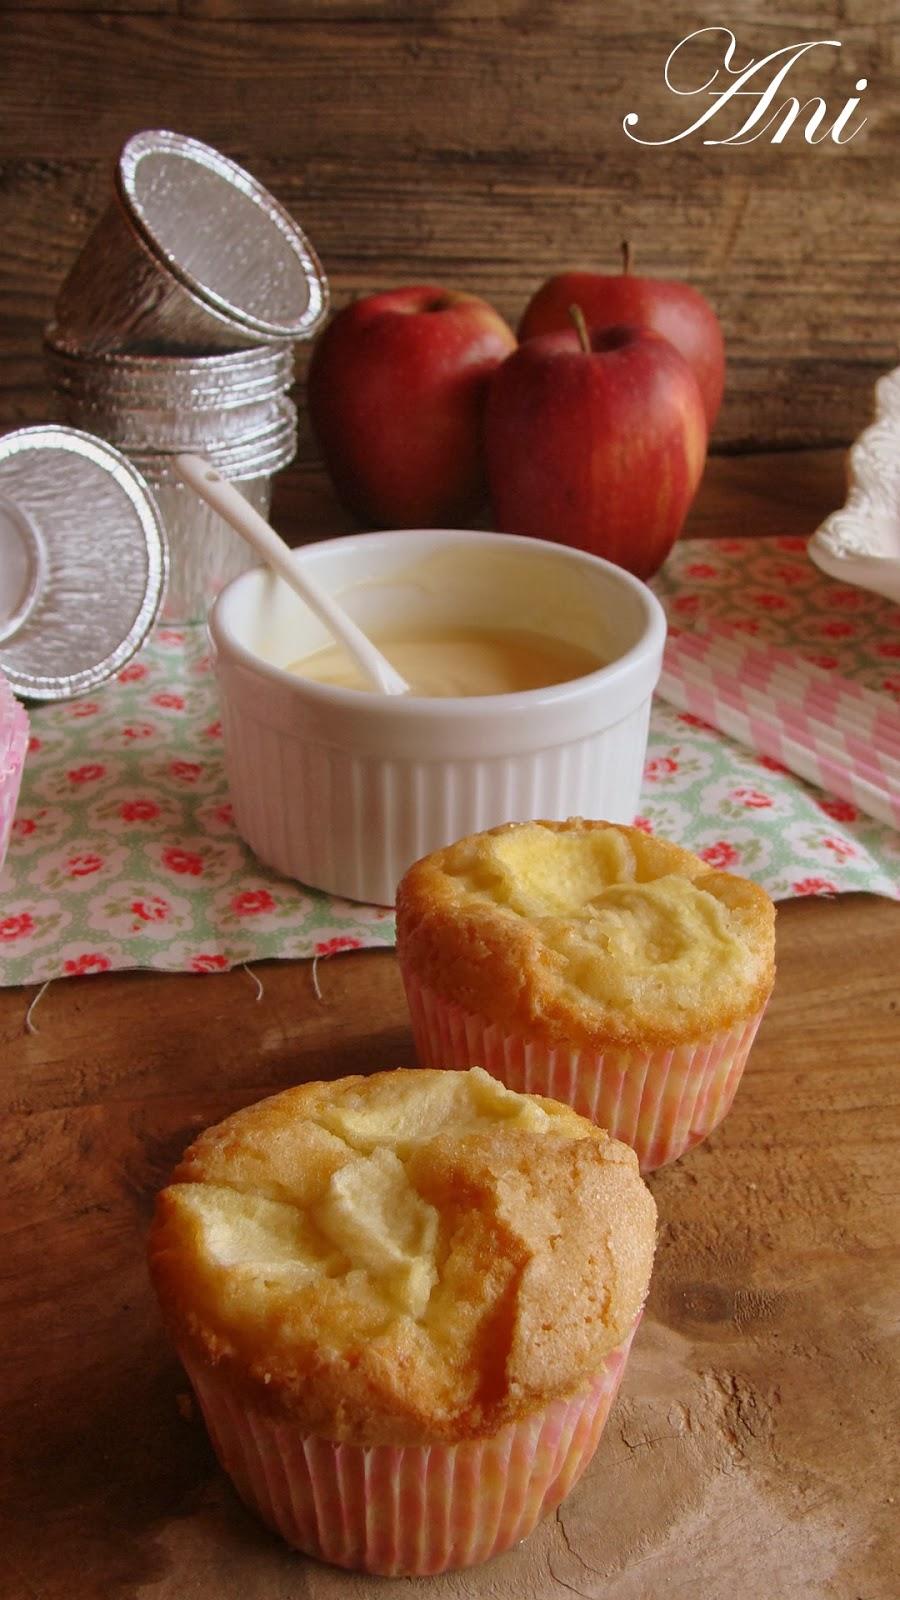 La cocina de ani magdalenas de manzana y crema pastelera for Cocina 5 ingredientes jamie